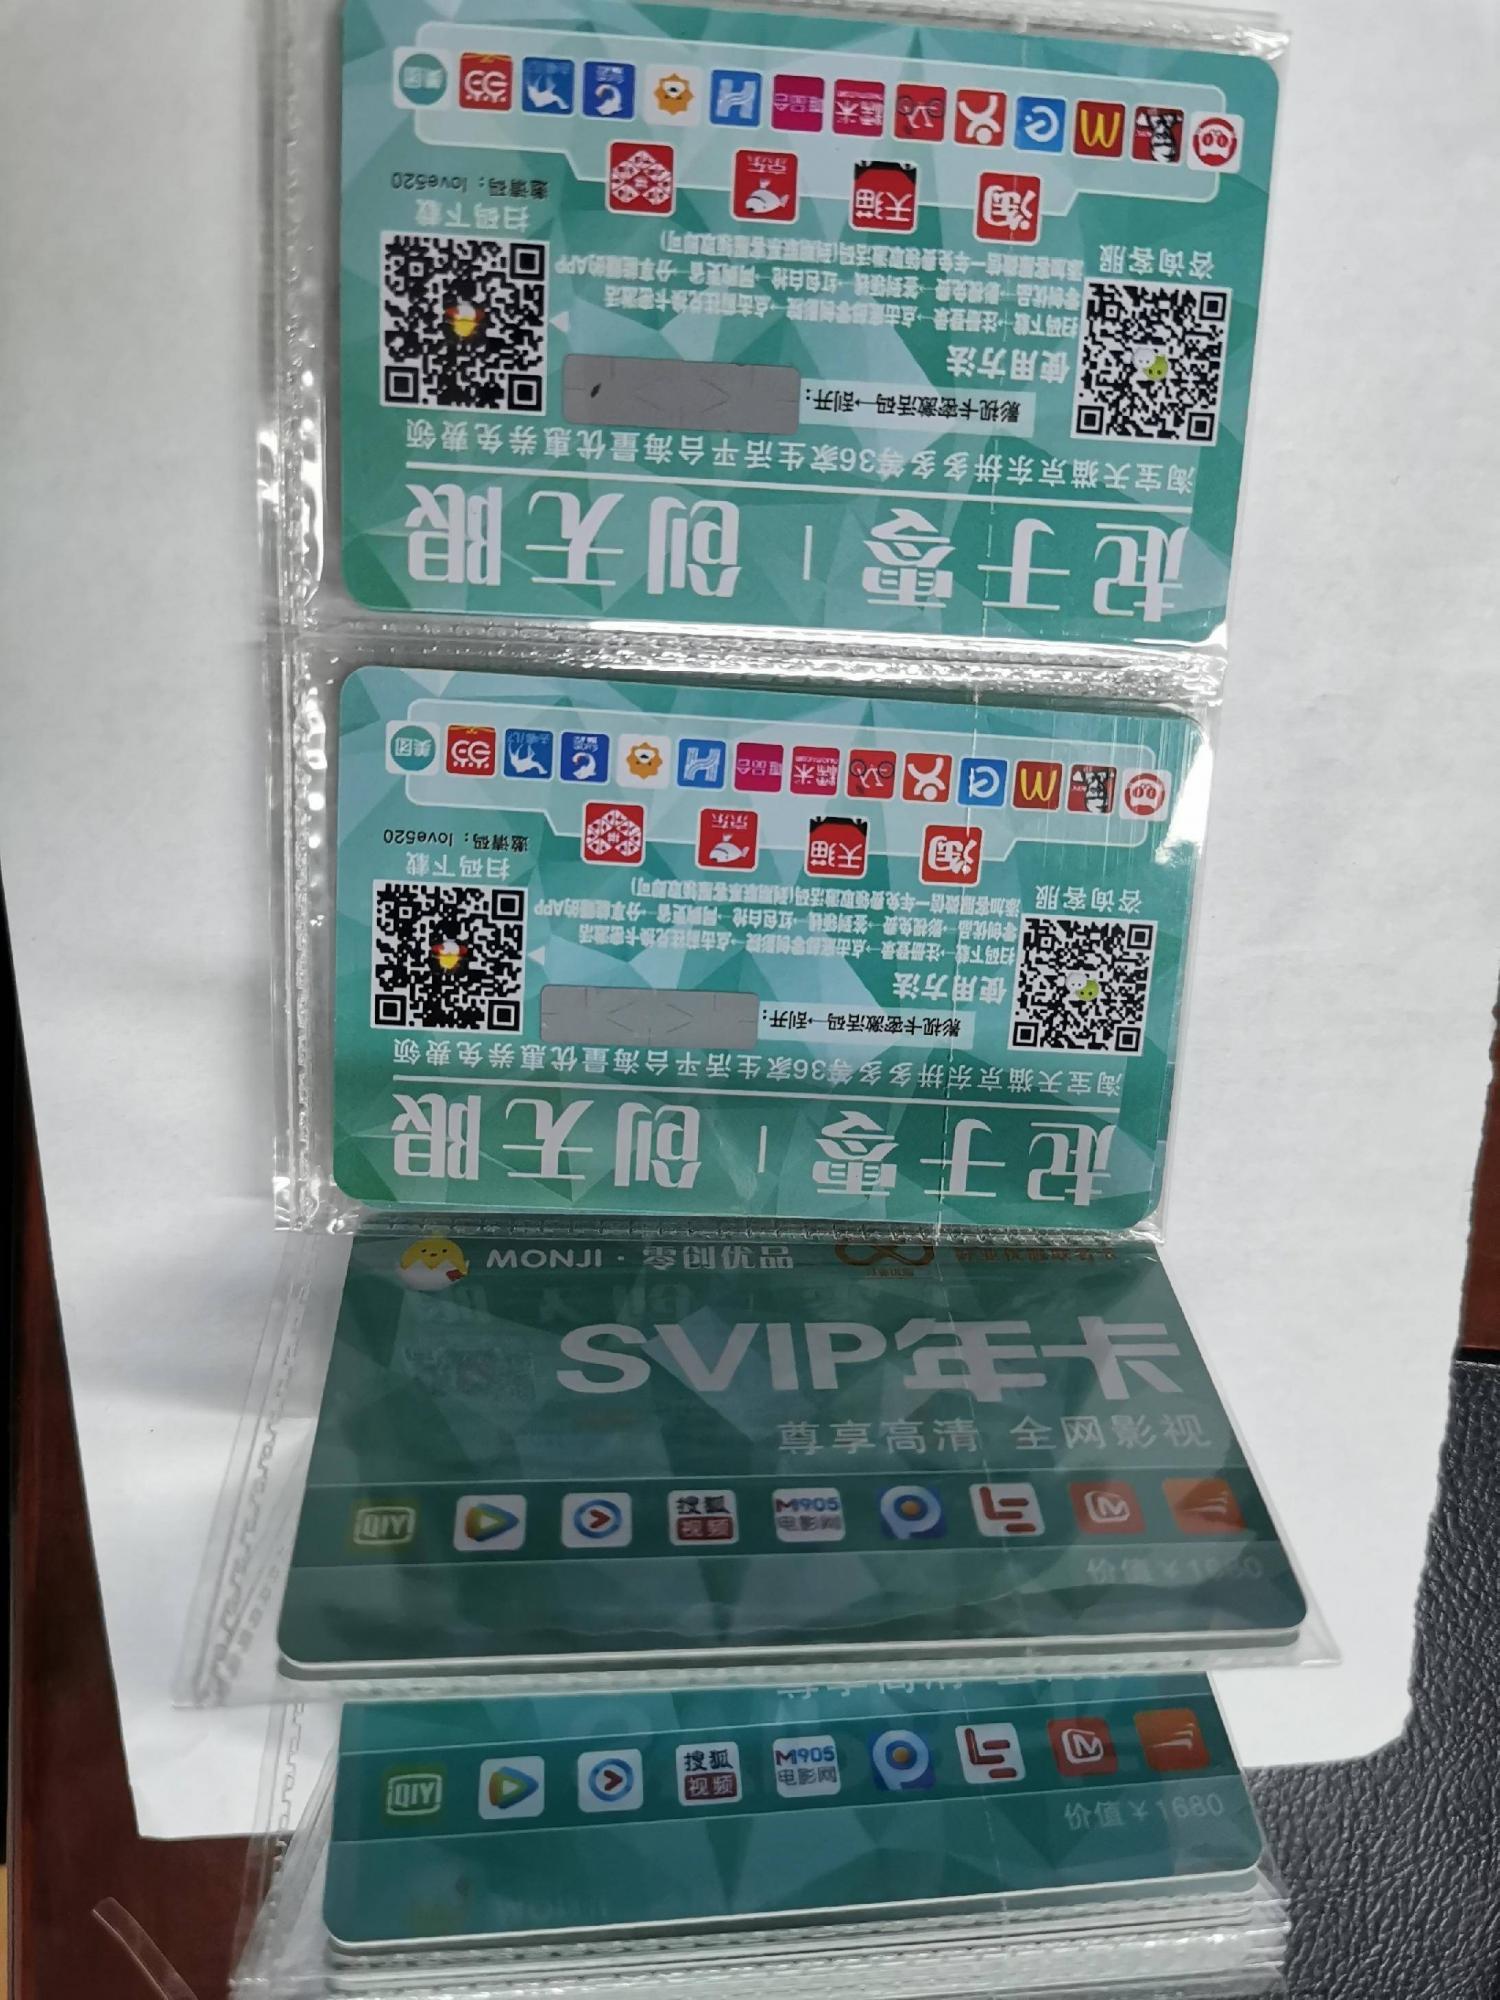 (无需邮寄,微信发货)app影视vip(月卡),1卡可用1月vip权益